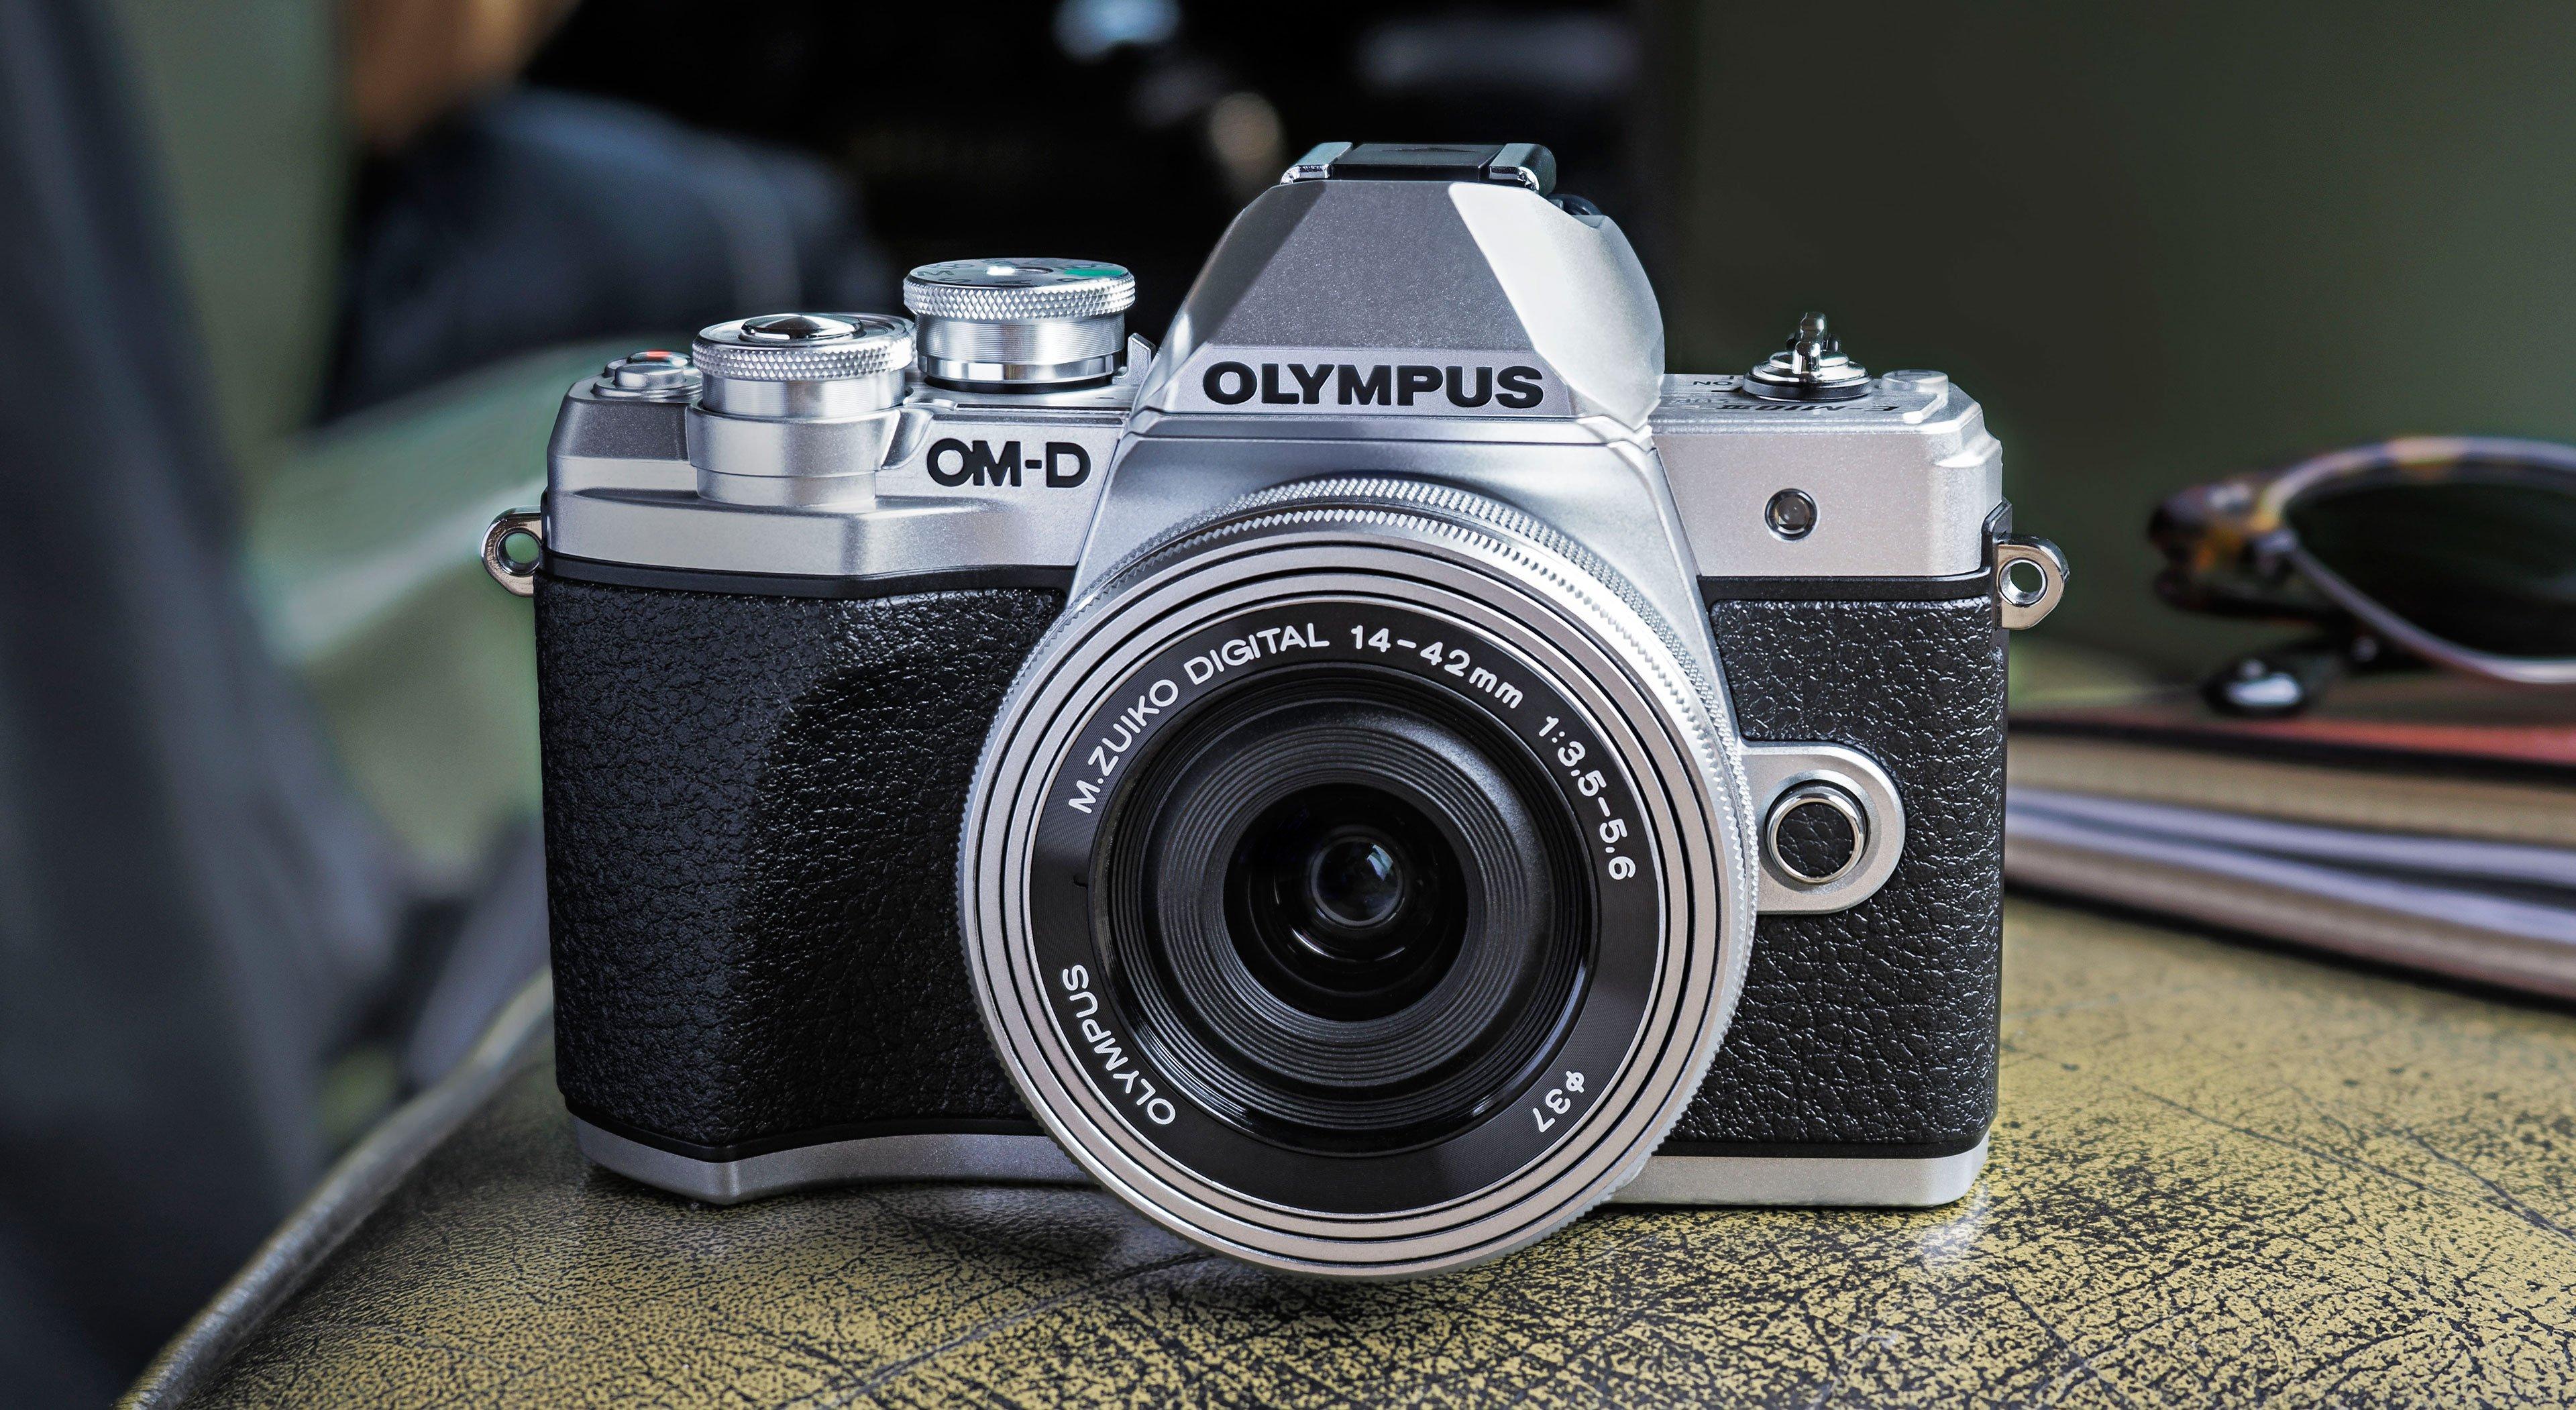 Olympus-omd-em10-iii-header1